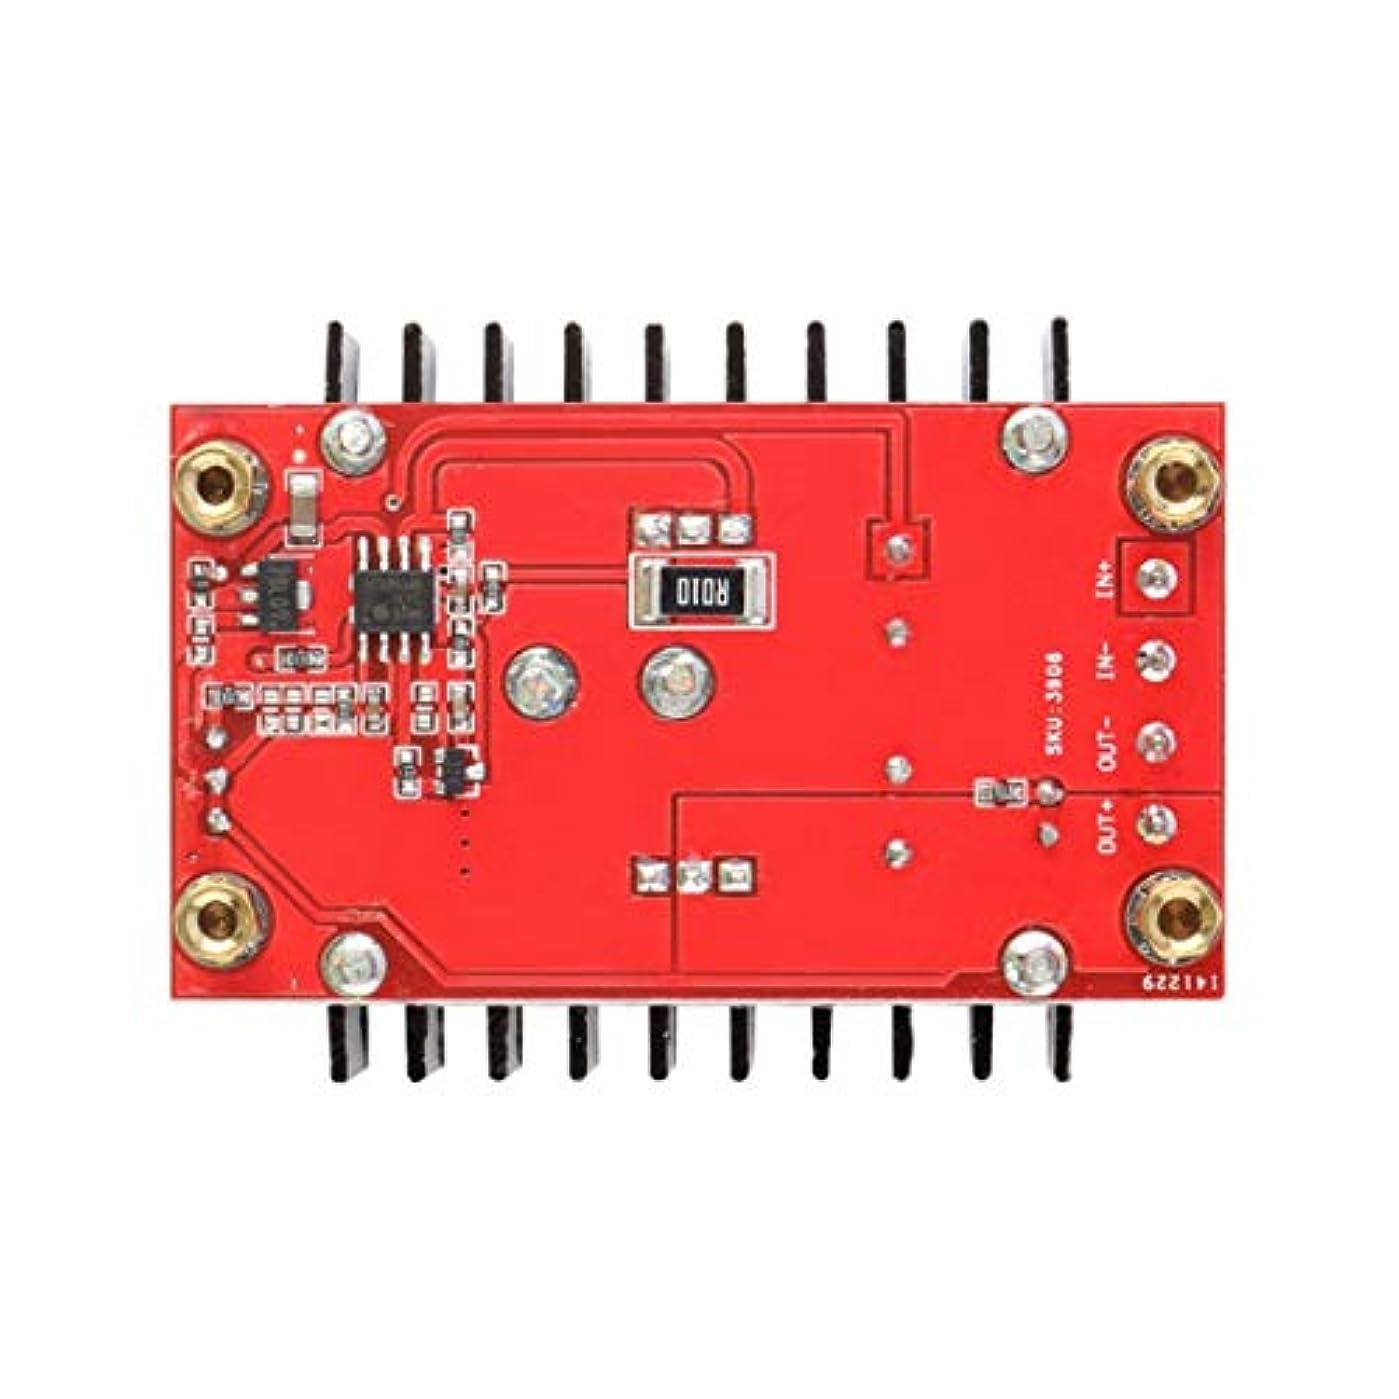 すすり泣き写真撮影ロゴプロフェッショナル150W DC-DCブーストコンバータ10-32V to 12-35Vステップアップ充電器電源モジュールステップアップ電圧充電器モジュール(マルチカラー)